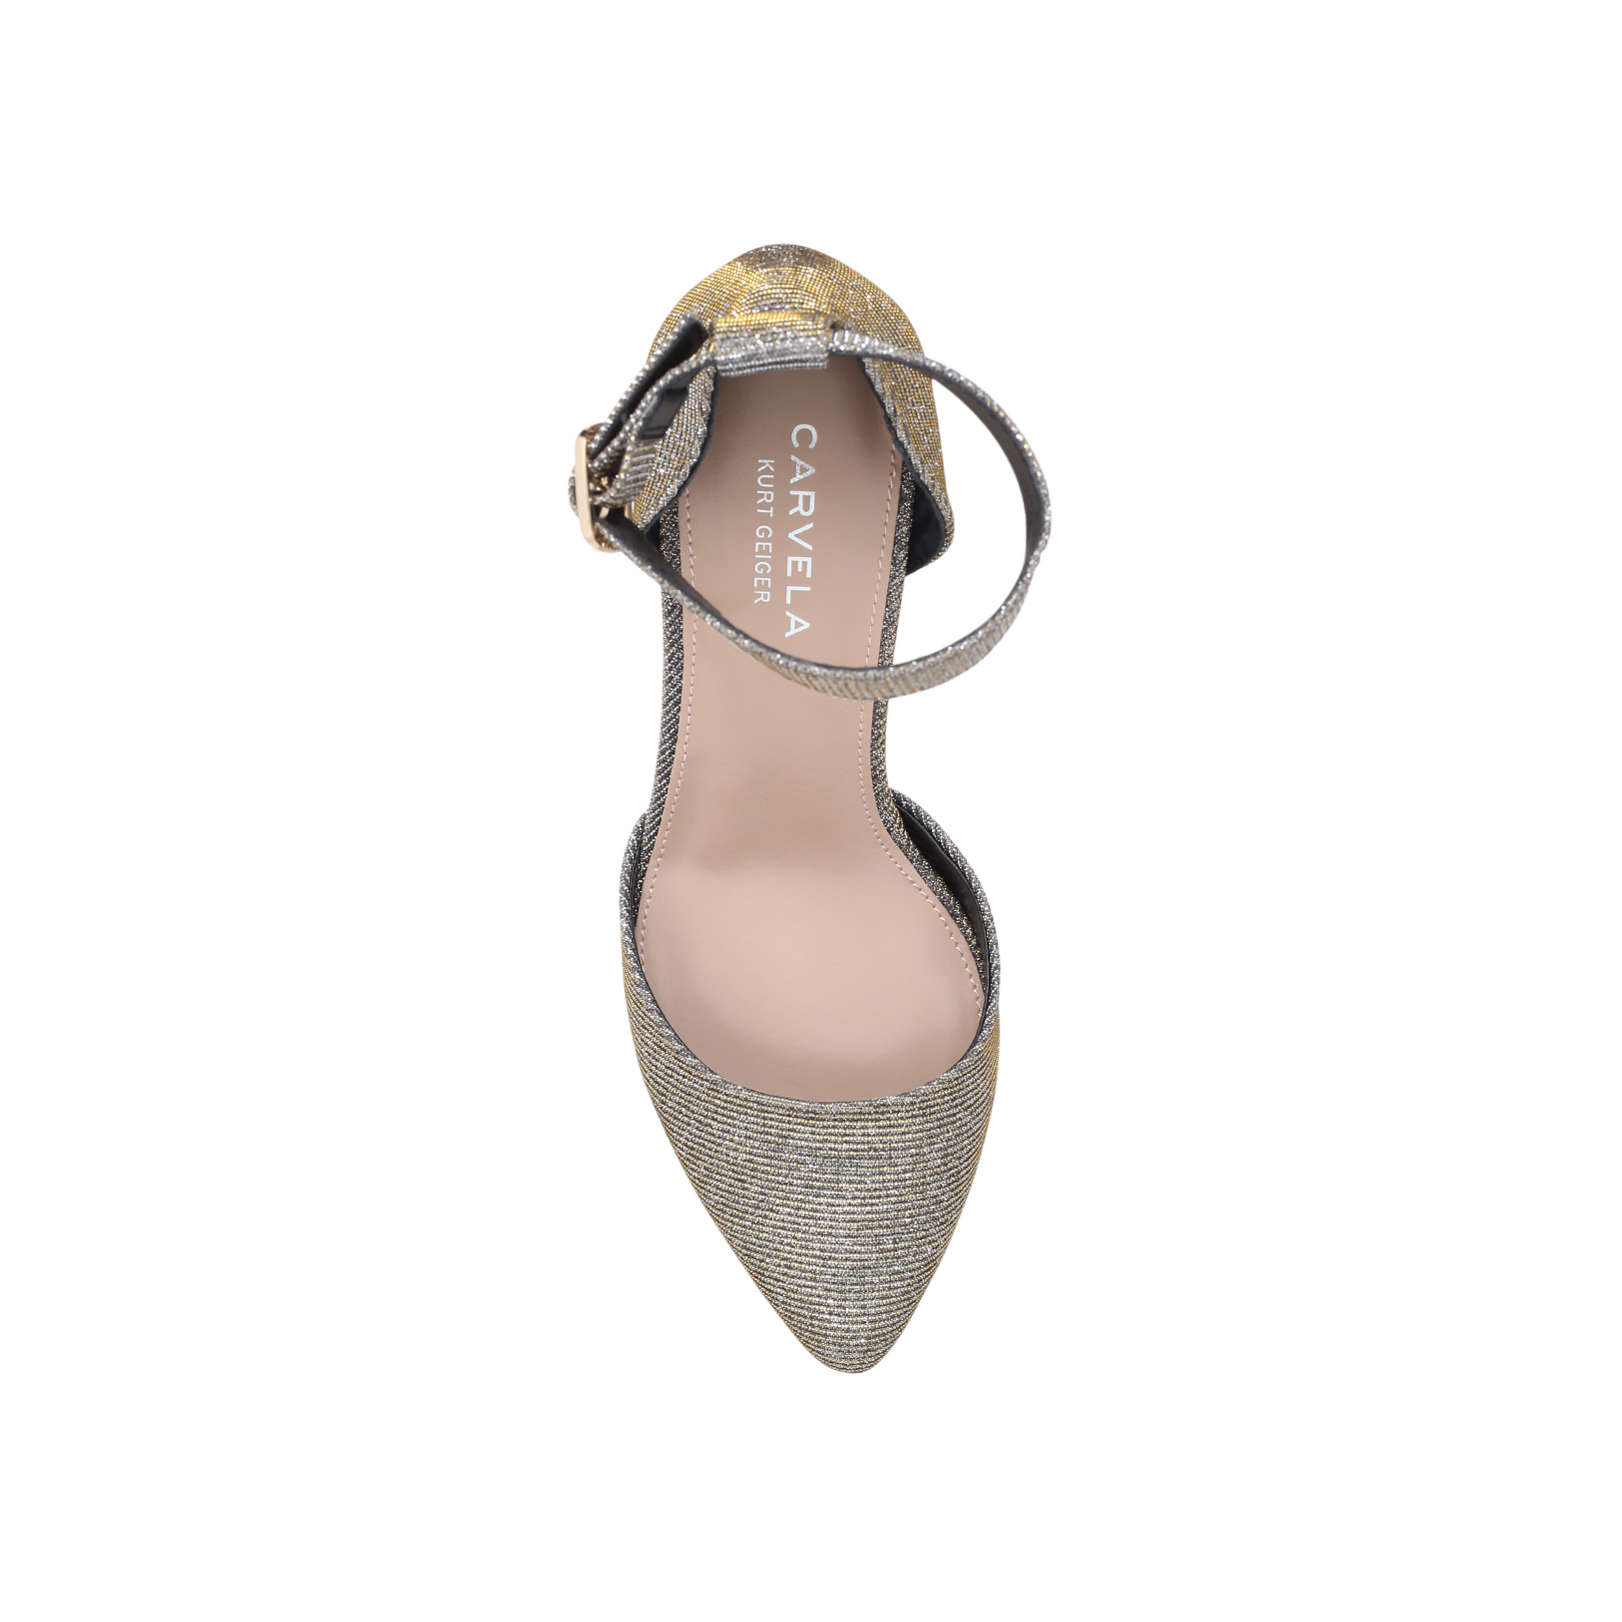 6217ad23126 KANDICE Carvela Kandice Bronze Mid Heel Court Shoes by CARVELA